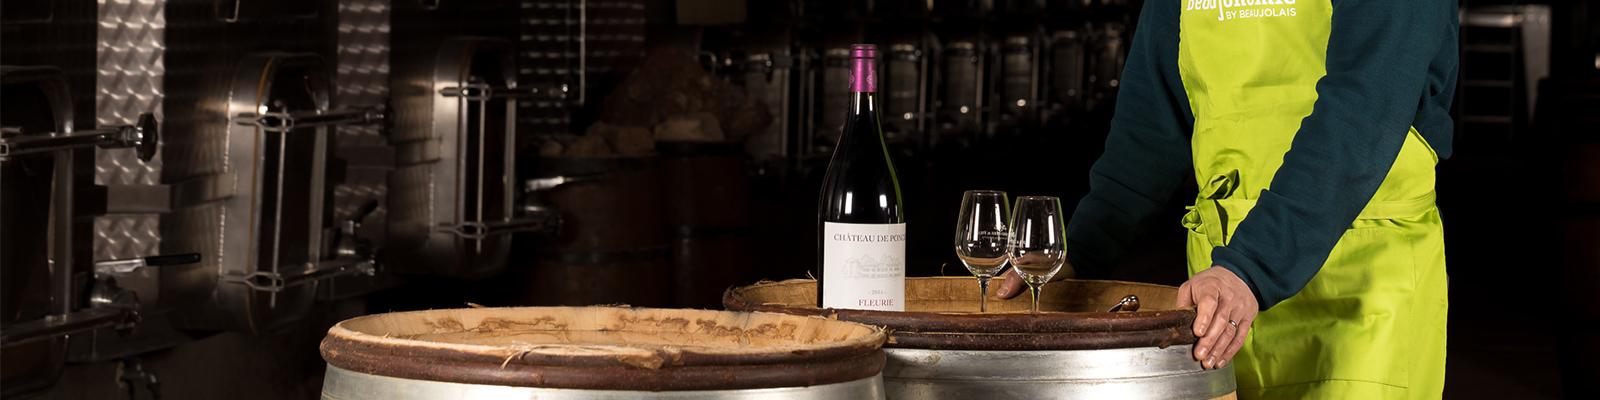 Découverte du domaine, visite du vignoble et repas en cuverie